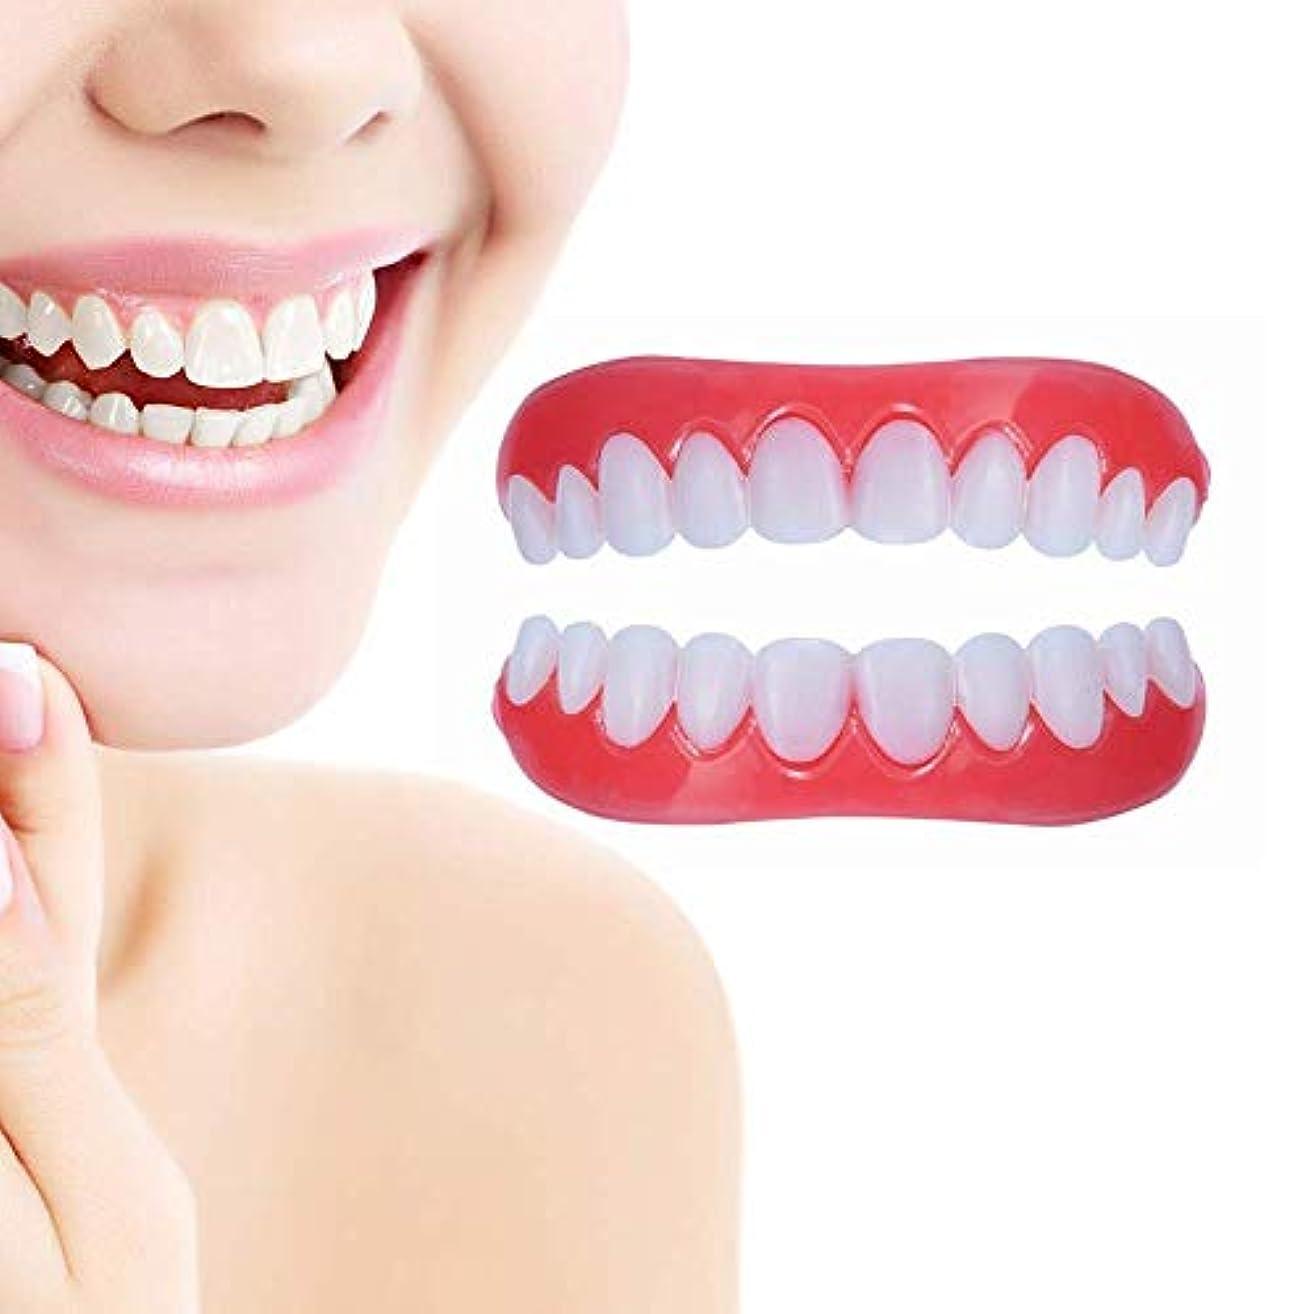 電子スリチンモイマイクロプロセッサ仮装用義歯義歯用化粧品シミュレートされたブレース上部ブレース+下部ブレース、ホワイトニング歯スナップキャップ,1pairs